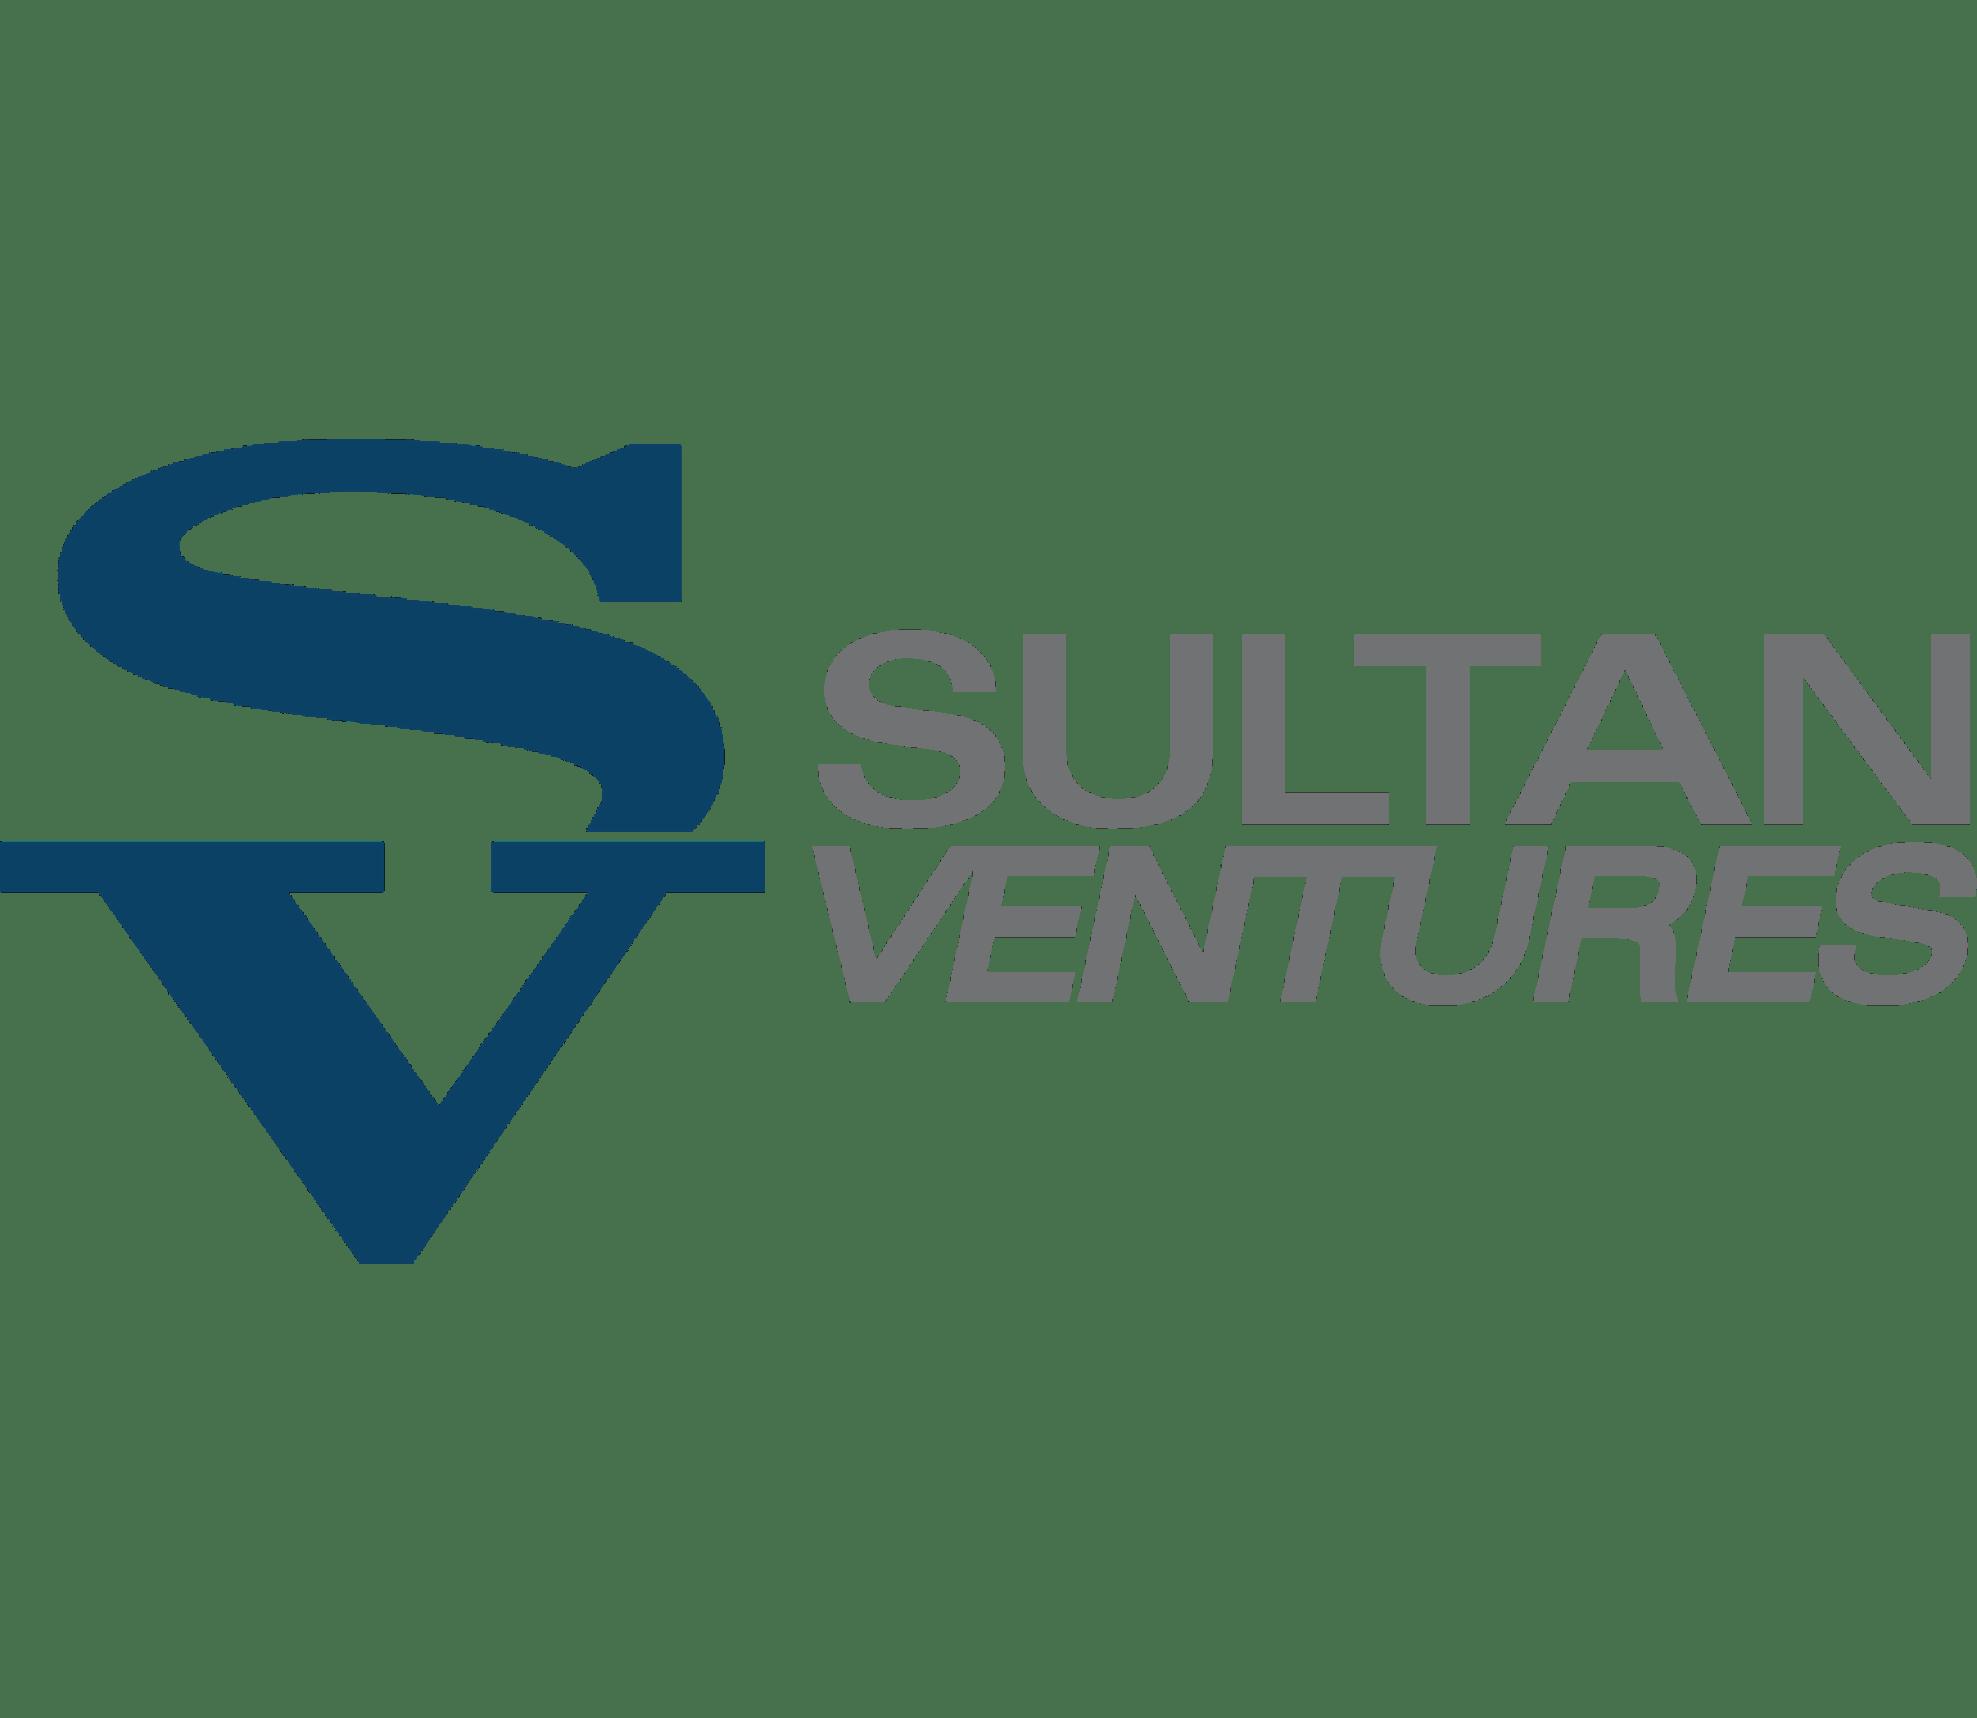 Sultan Ventures